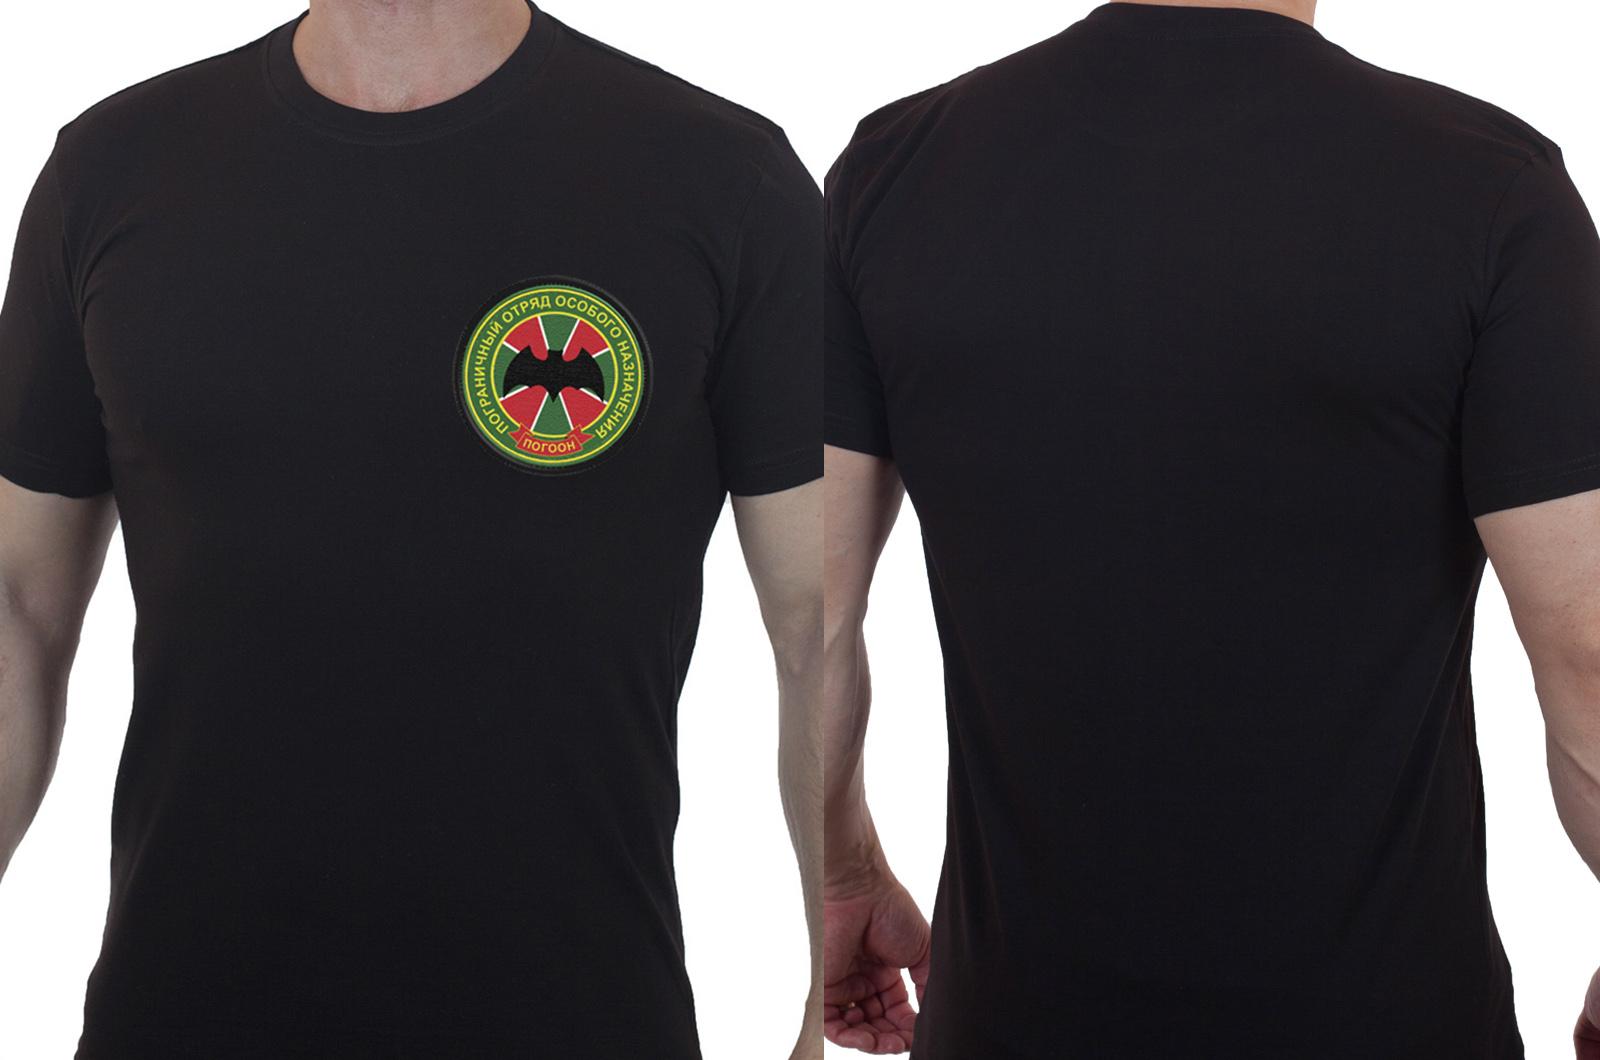 Футболка черная с вышитой эмблемой ПОГООН - заказать в подарок